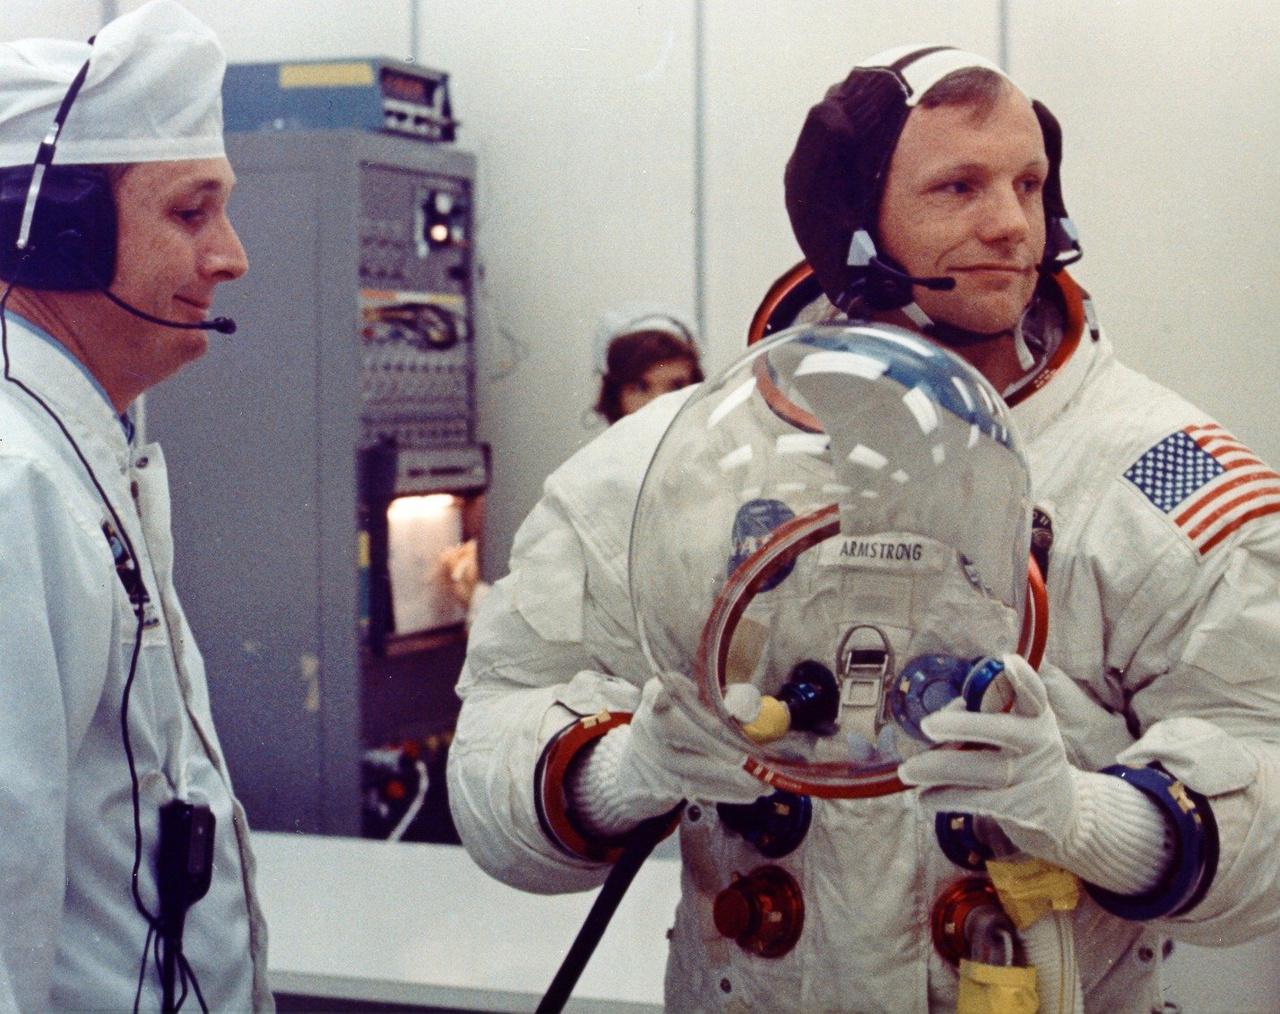 Az eredetihez mindenben tökéletesen hasonlító replikákat használtak a filmben, mint arról ez, a start napján, a beöltözésről készült eredeti NASA-fotó is tanúskodik.